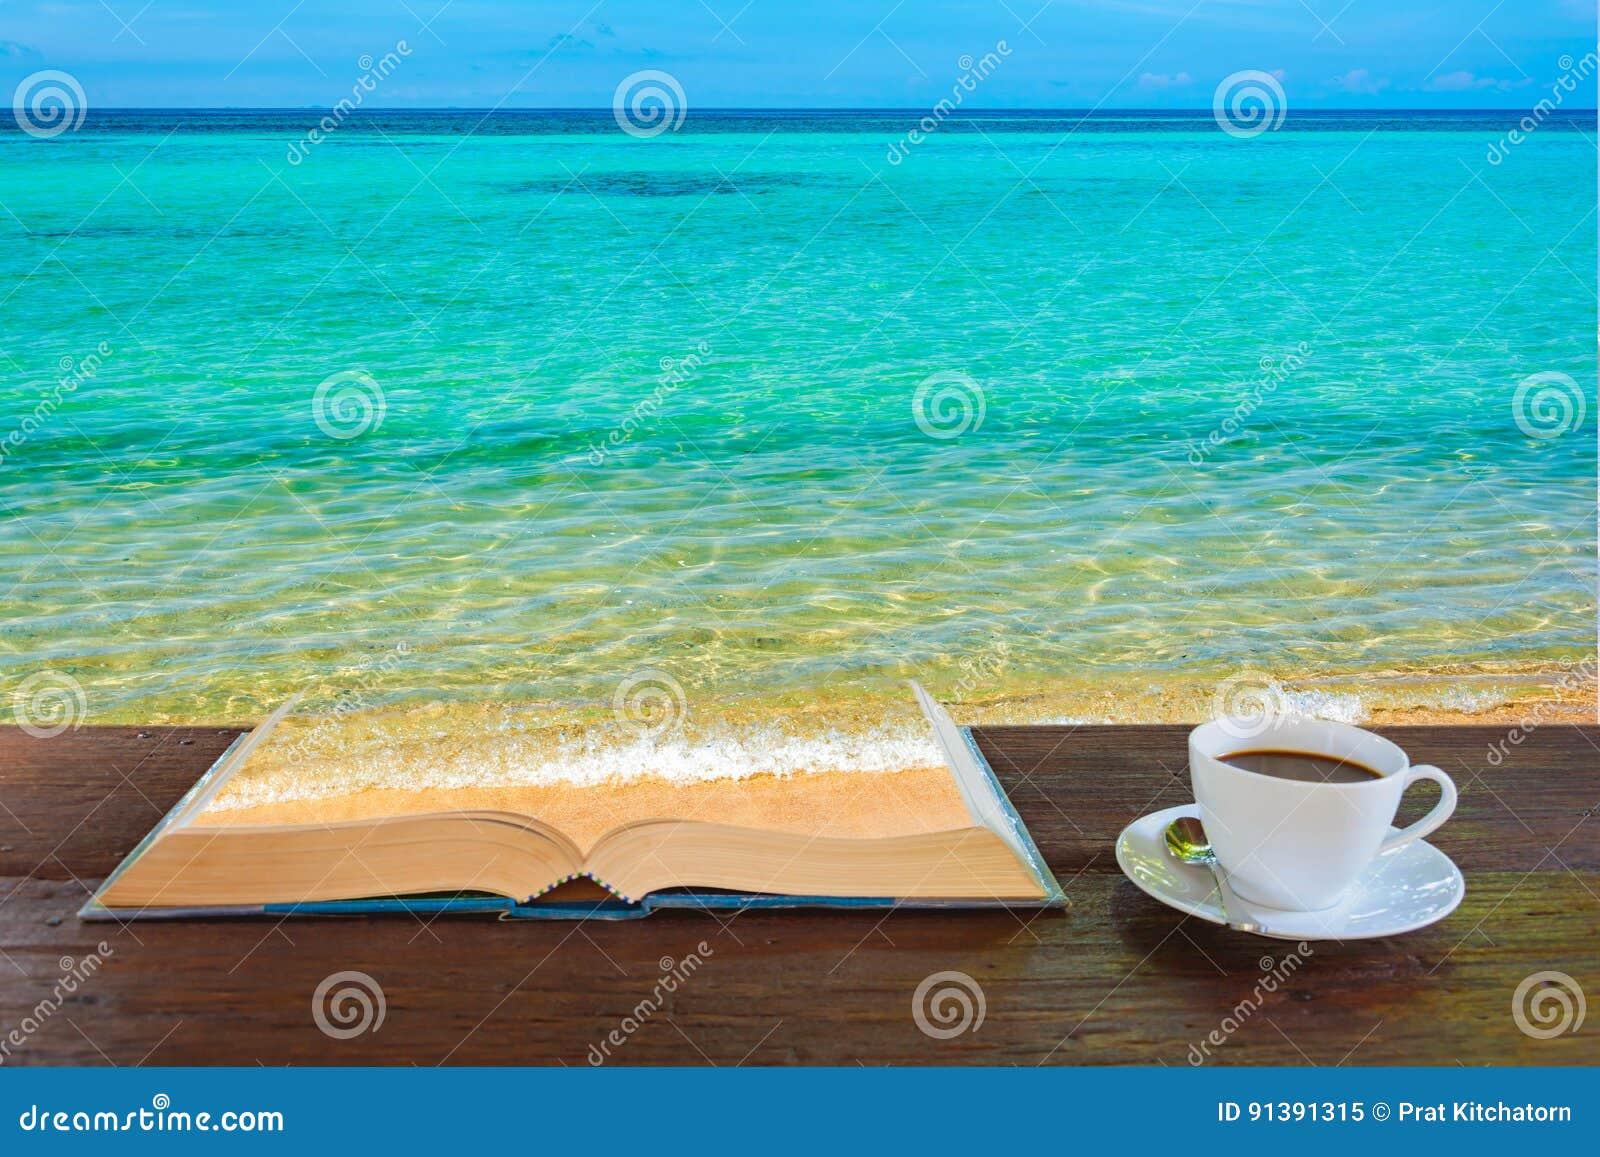 La tazza da caff e prenota il mare sulla vecchia tavola di legno immagine stock immagine di - Il mare in tavola ...